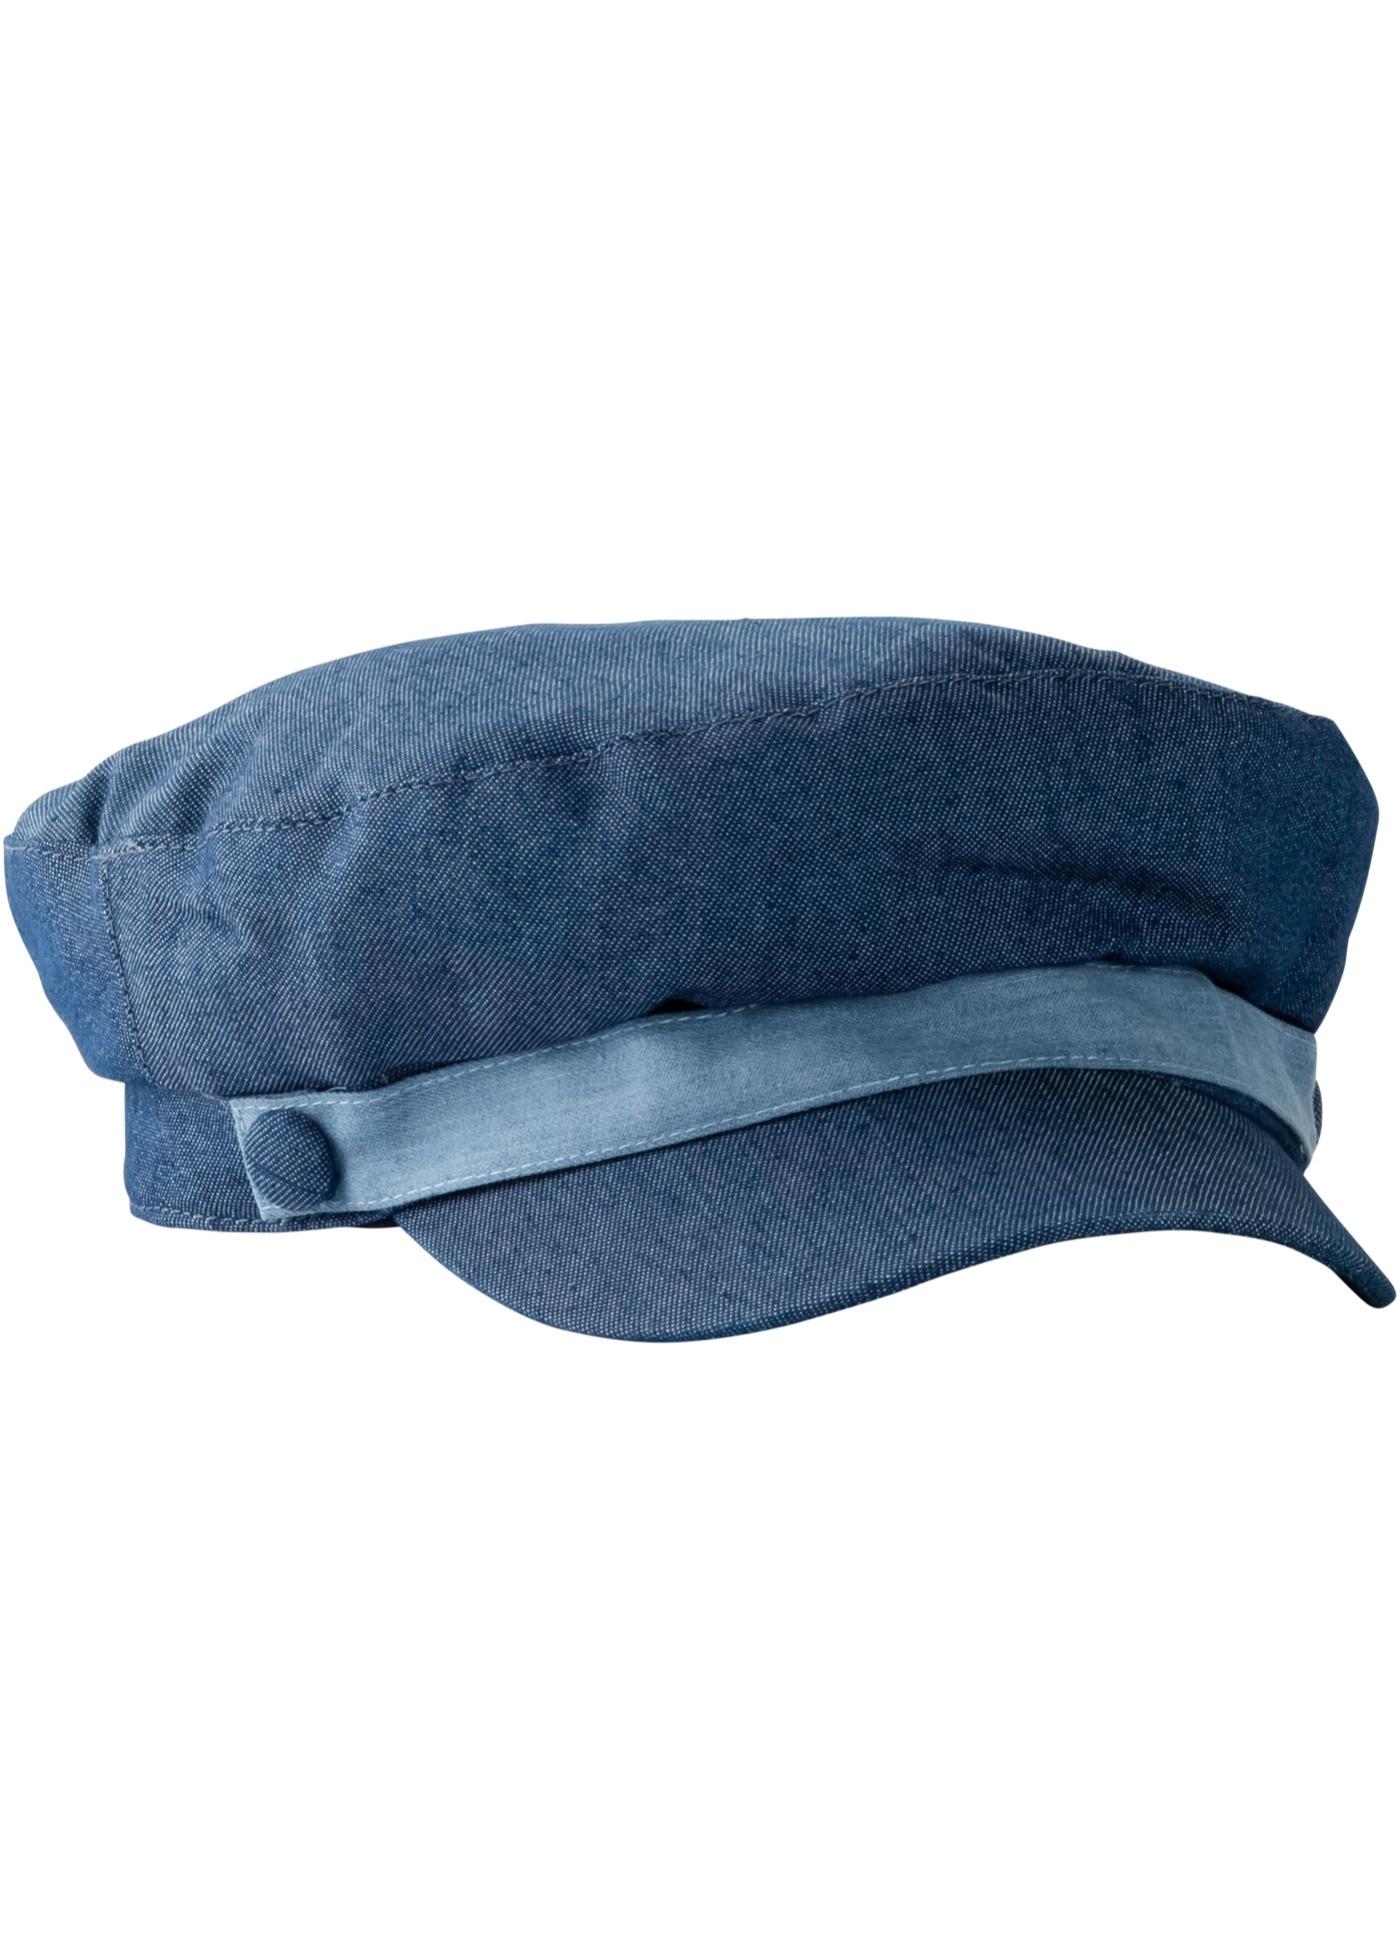 Námořnická čepice - Modrá